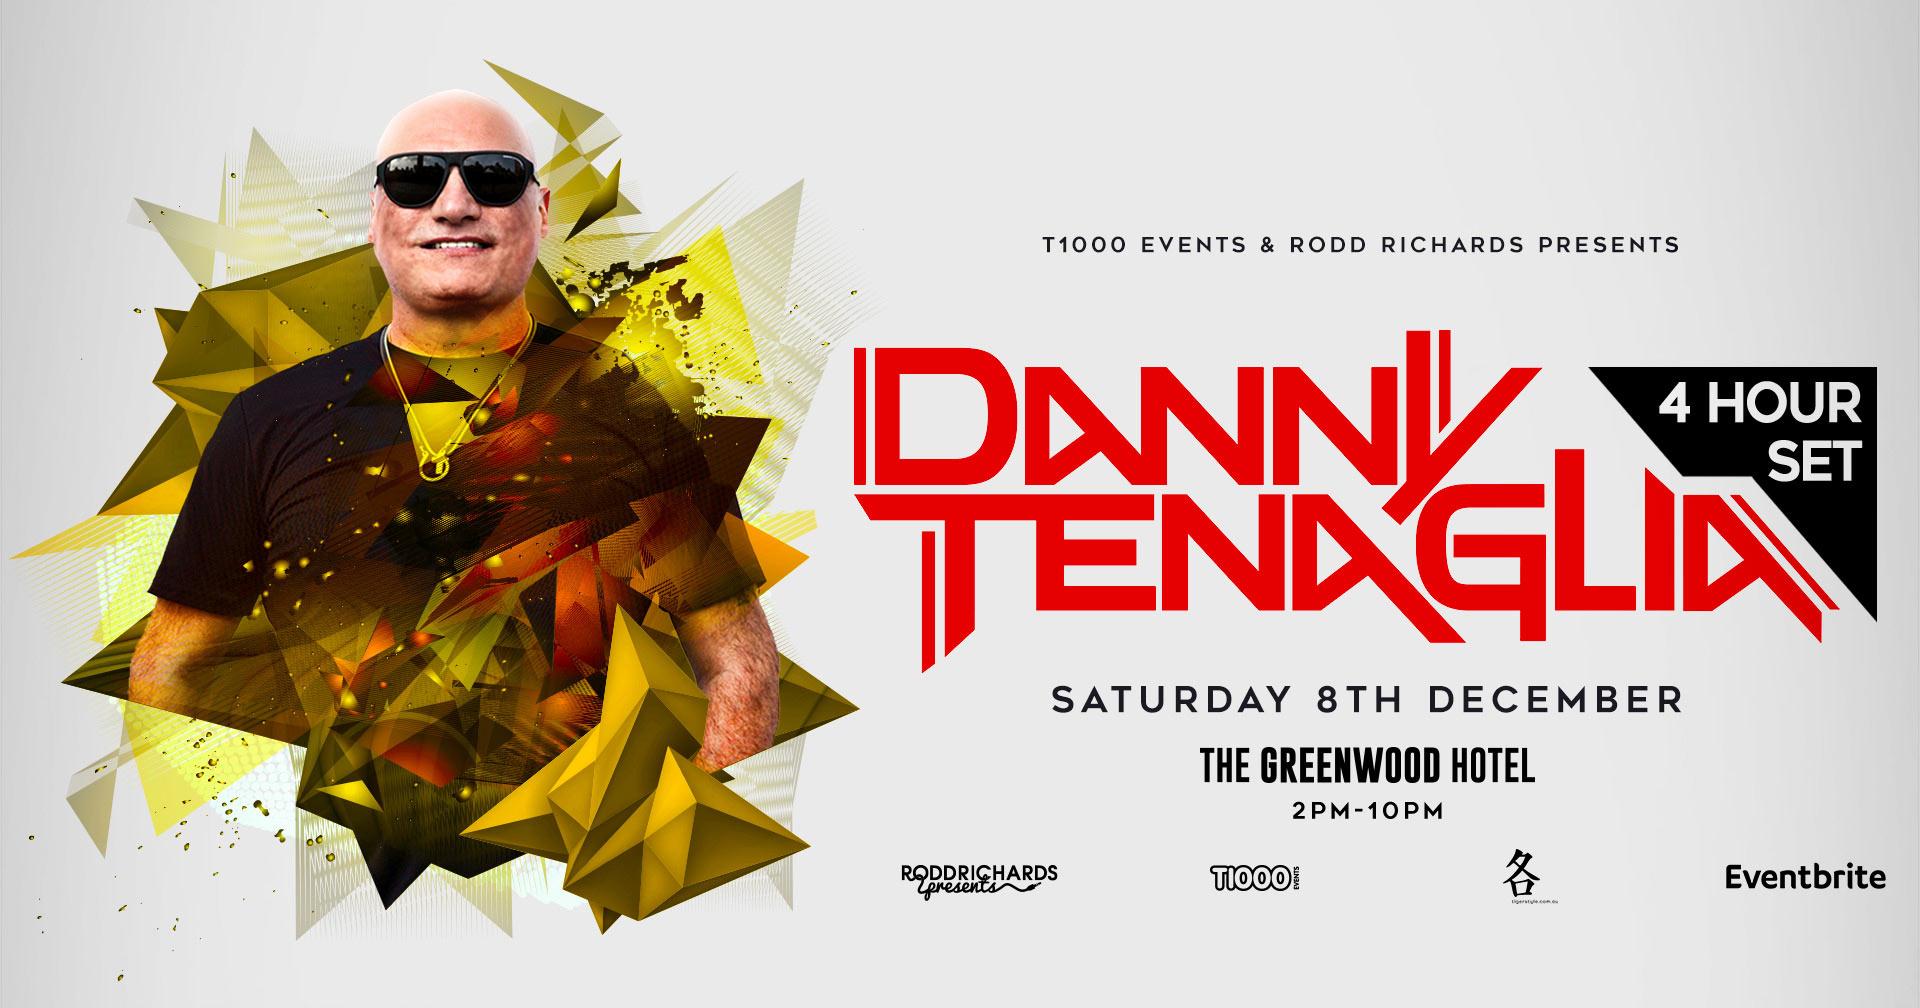 DANNY TENAGLIA - THE GREENWOOD, SYDNEY